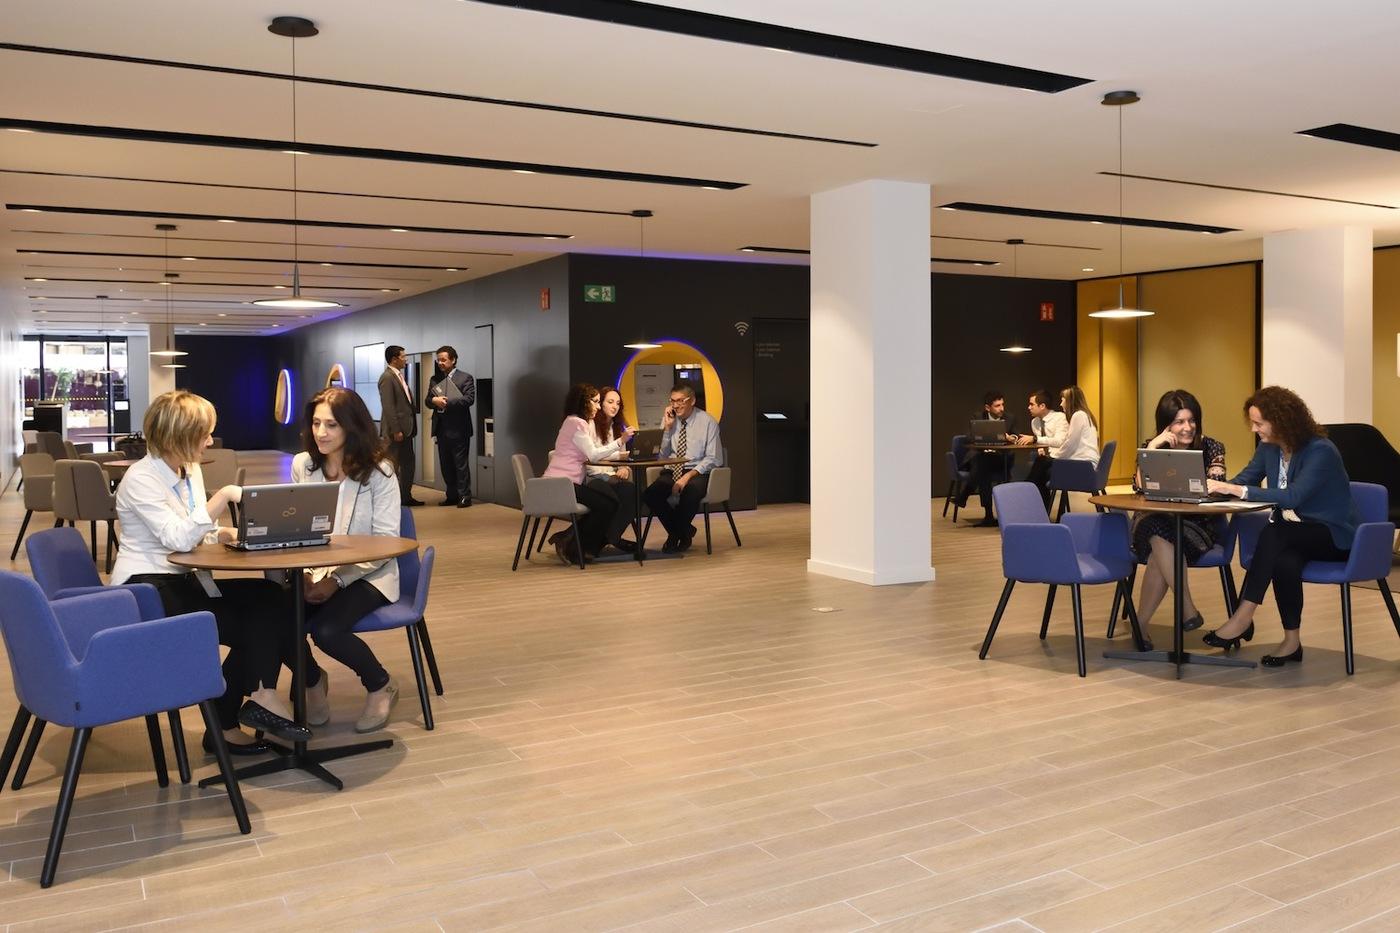 Caixabank obrir a valls una oficina del nou model store for Oficinas la caixa zaragoza